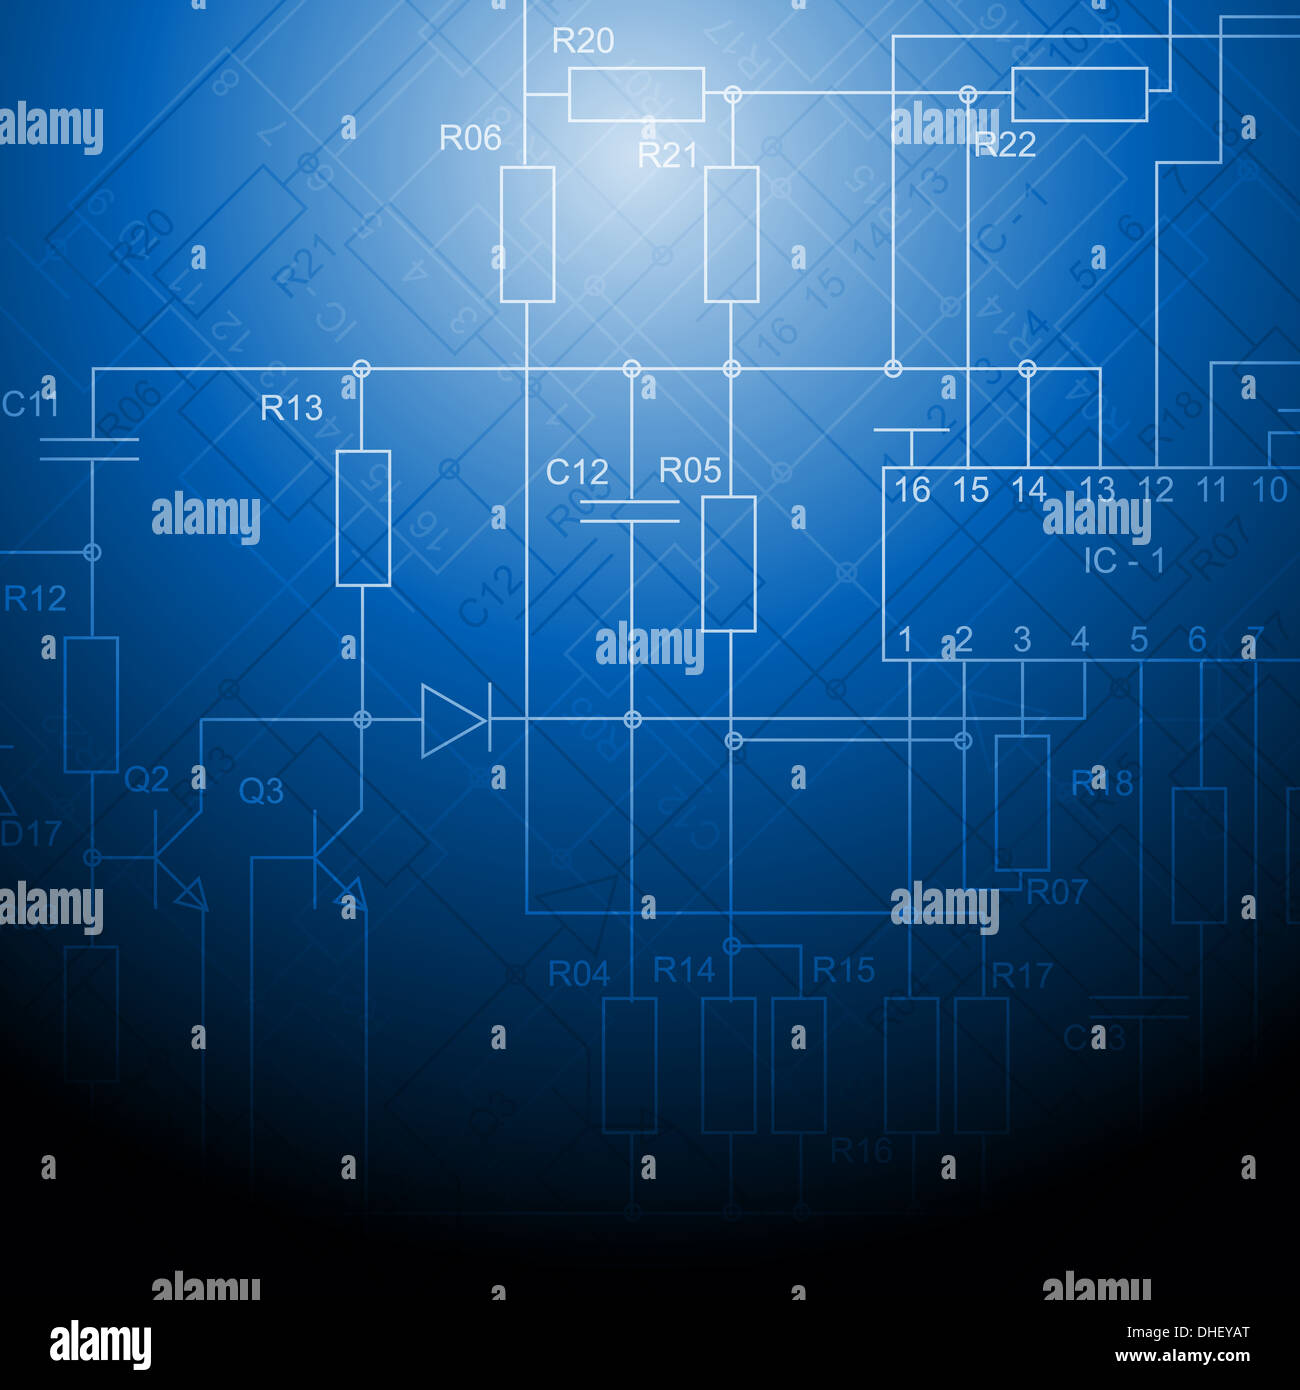 Erfreut Elektrische Schemazeichnung Bilder - Der Schaltplan - greigo.com